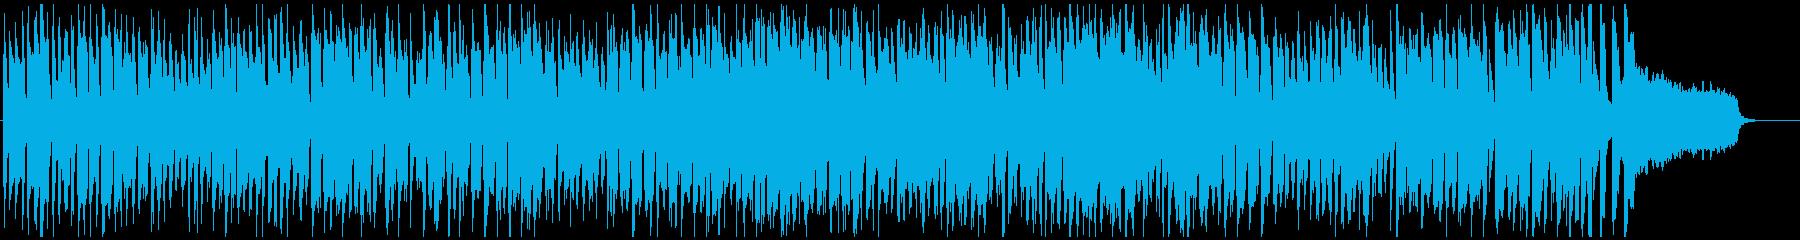 陽気なコメディ系のサックス・ポップスの再生済みの波形